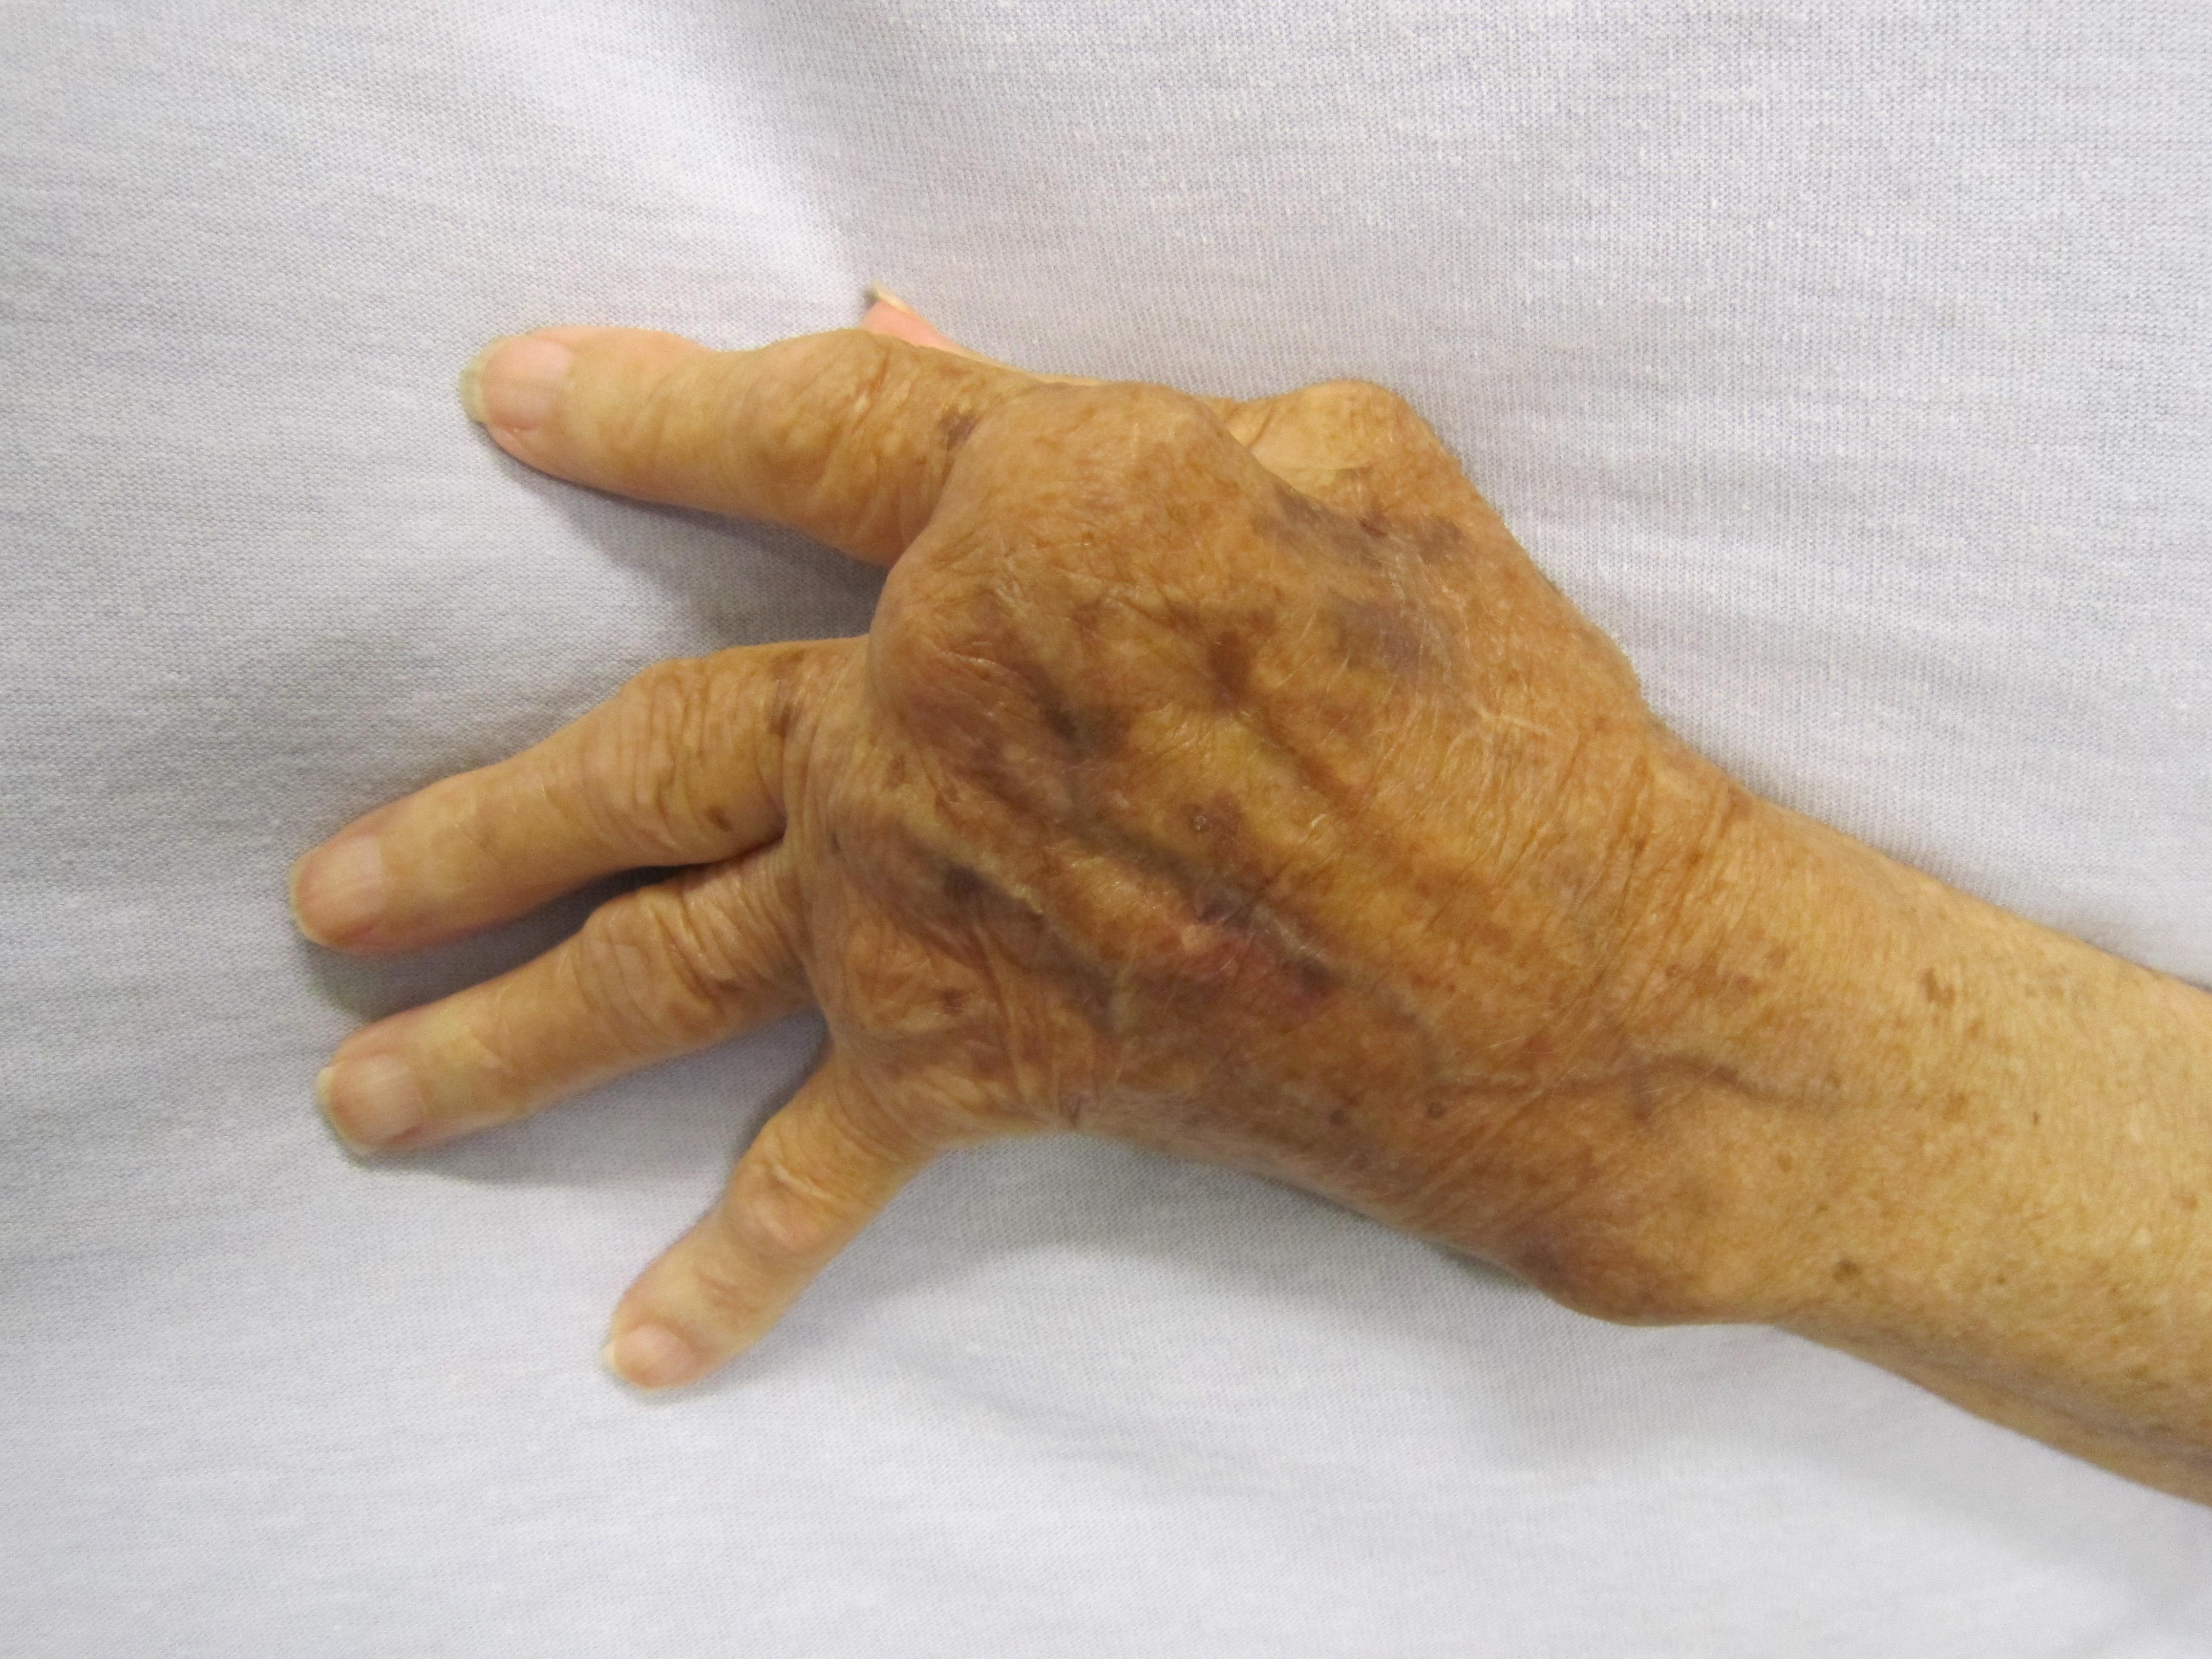 caripazim artrózis kezelésére